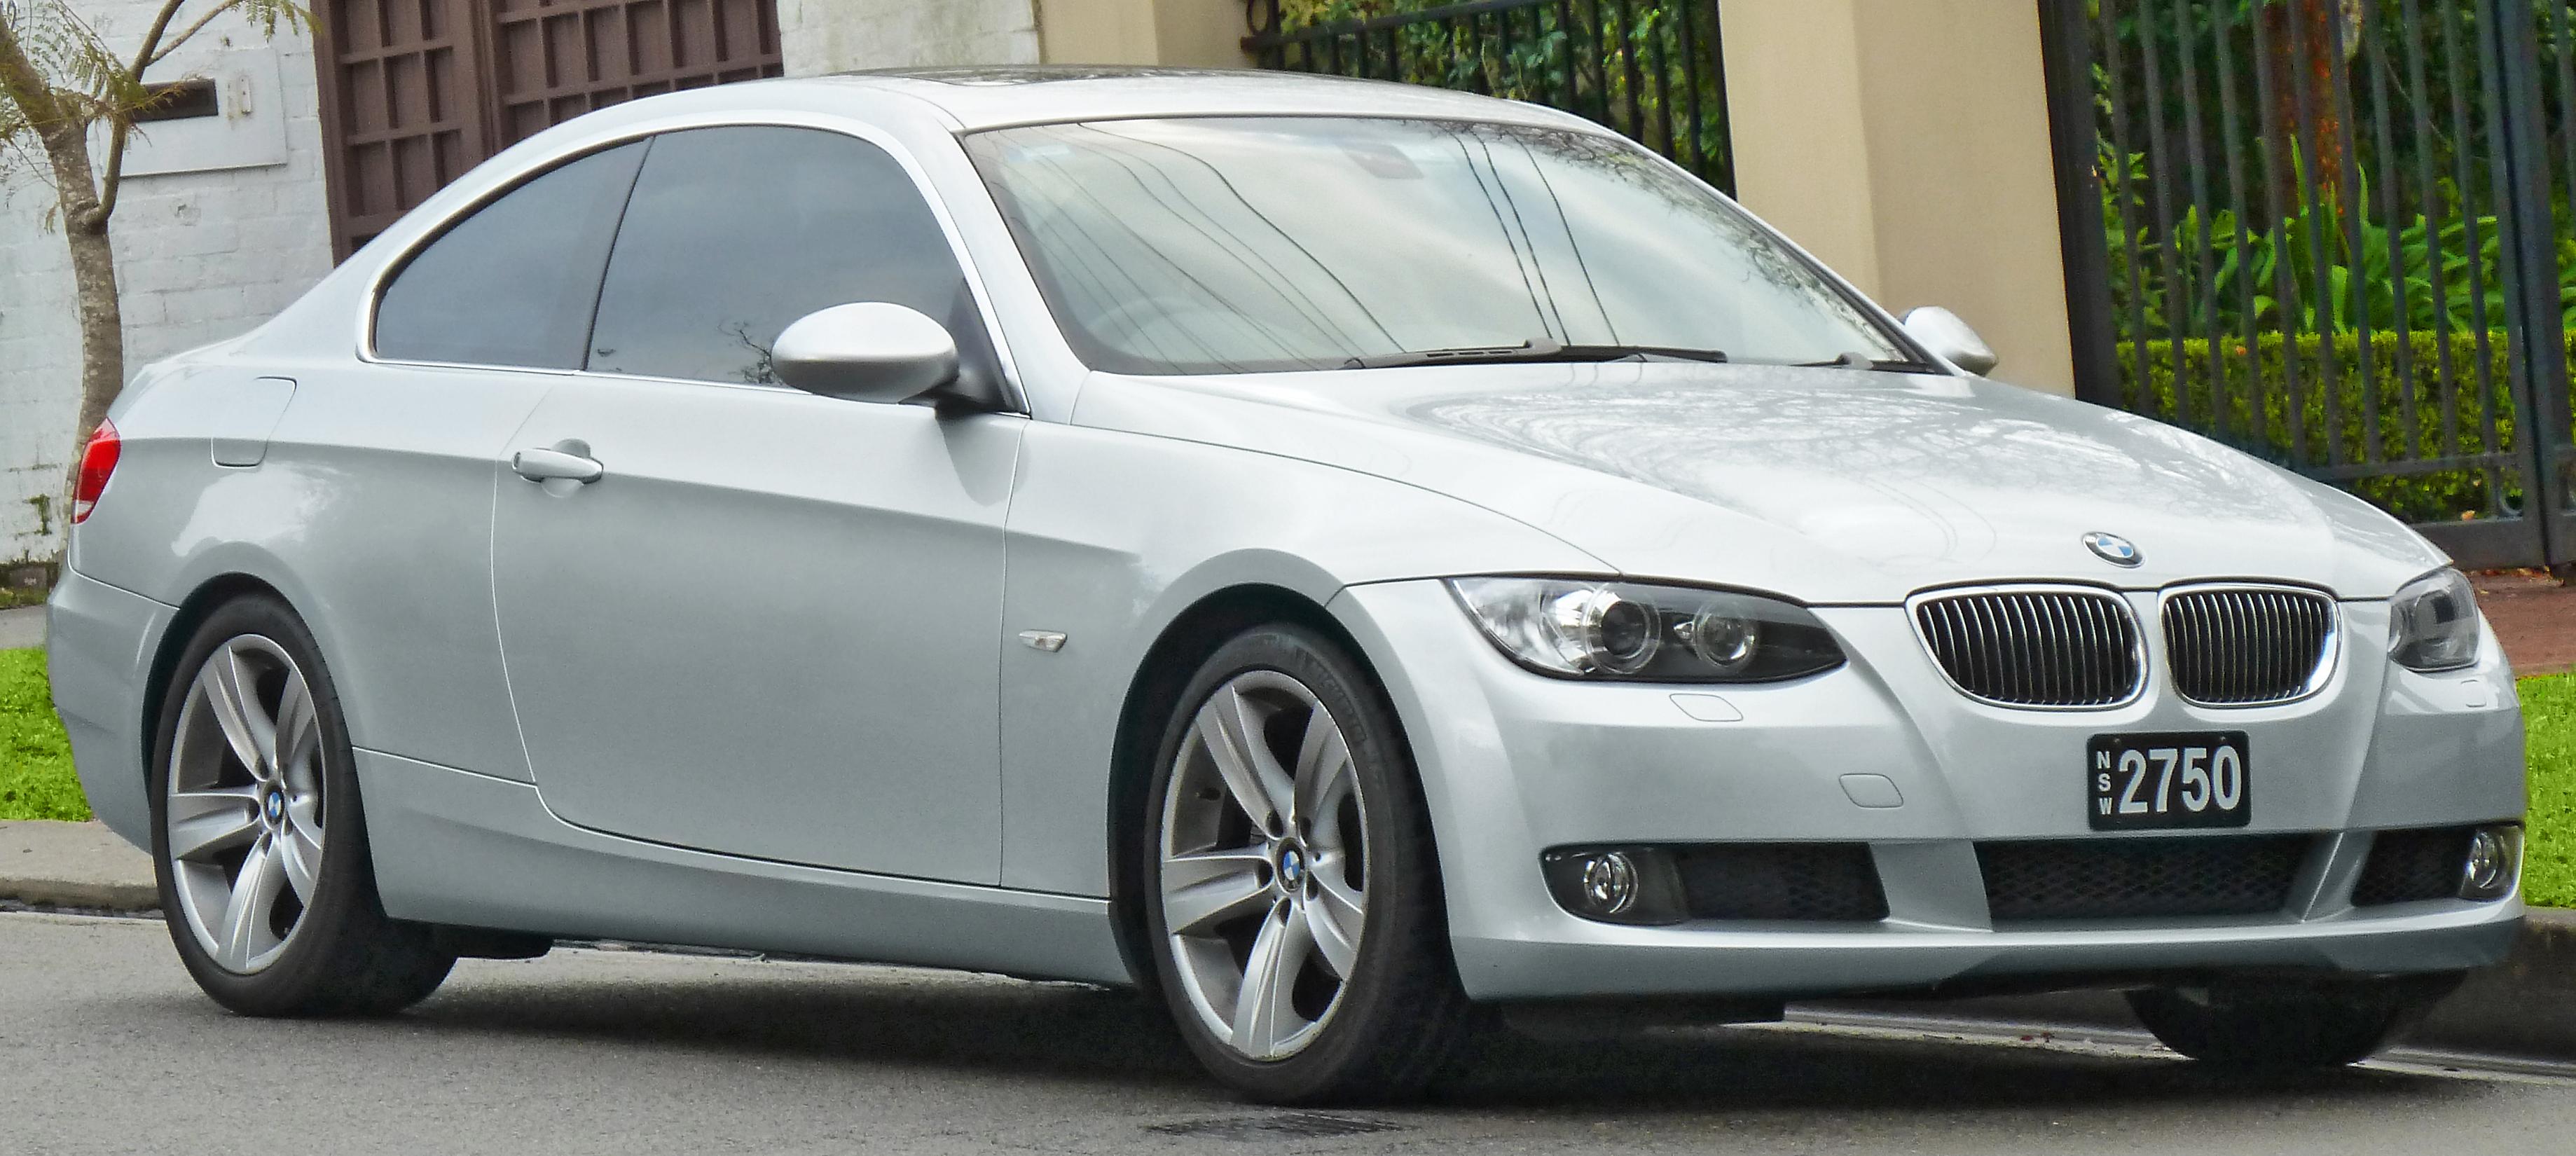 File BMW I E Coupe Jpg - Bmw 325i 2011